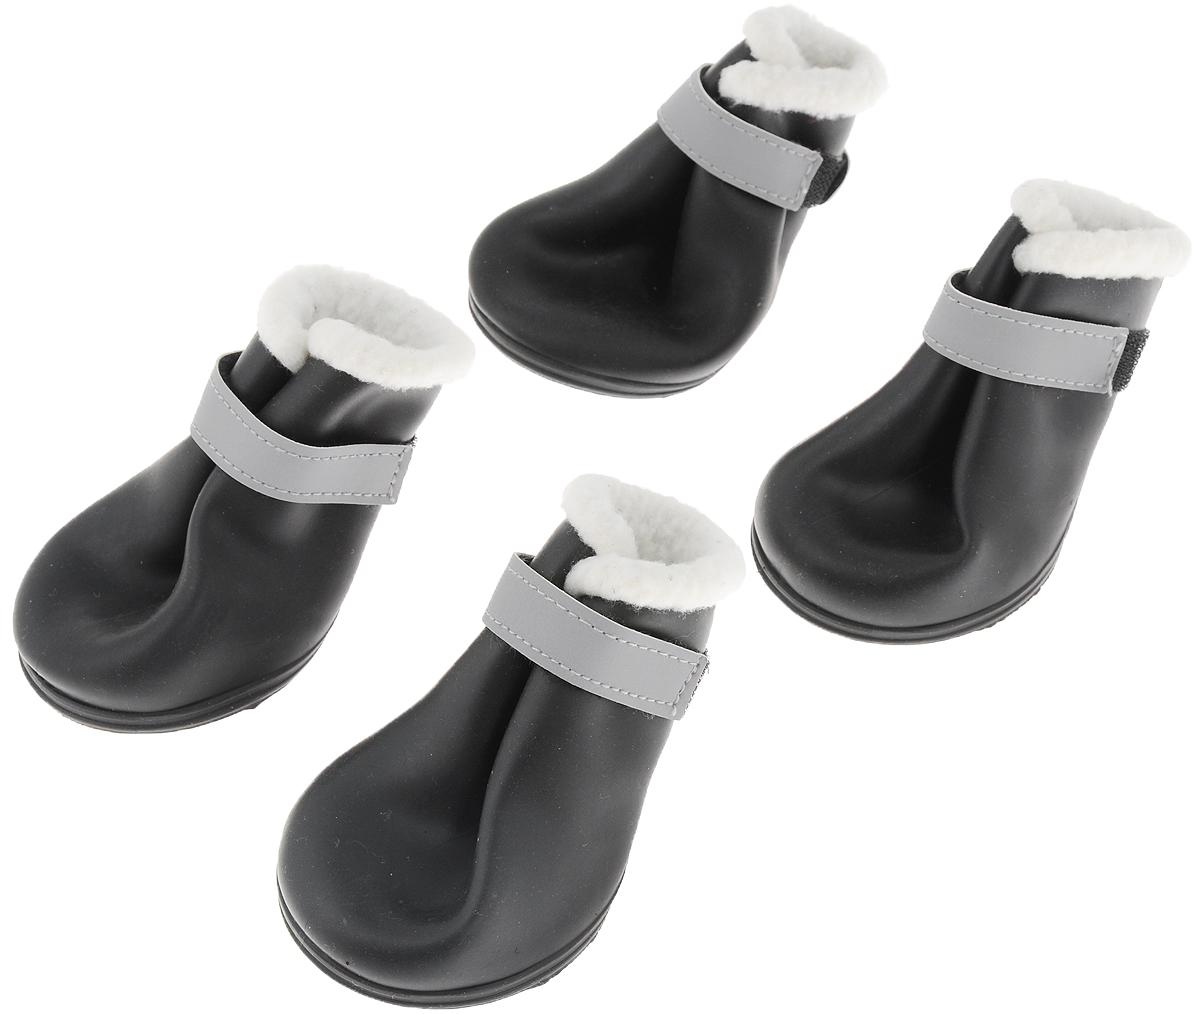 Сапоги резиновые для собак  Triol , утепленные, унисекс. Размер L - Одежда, обувь, украшения